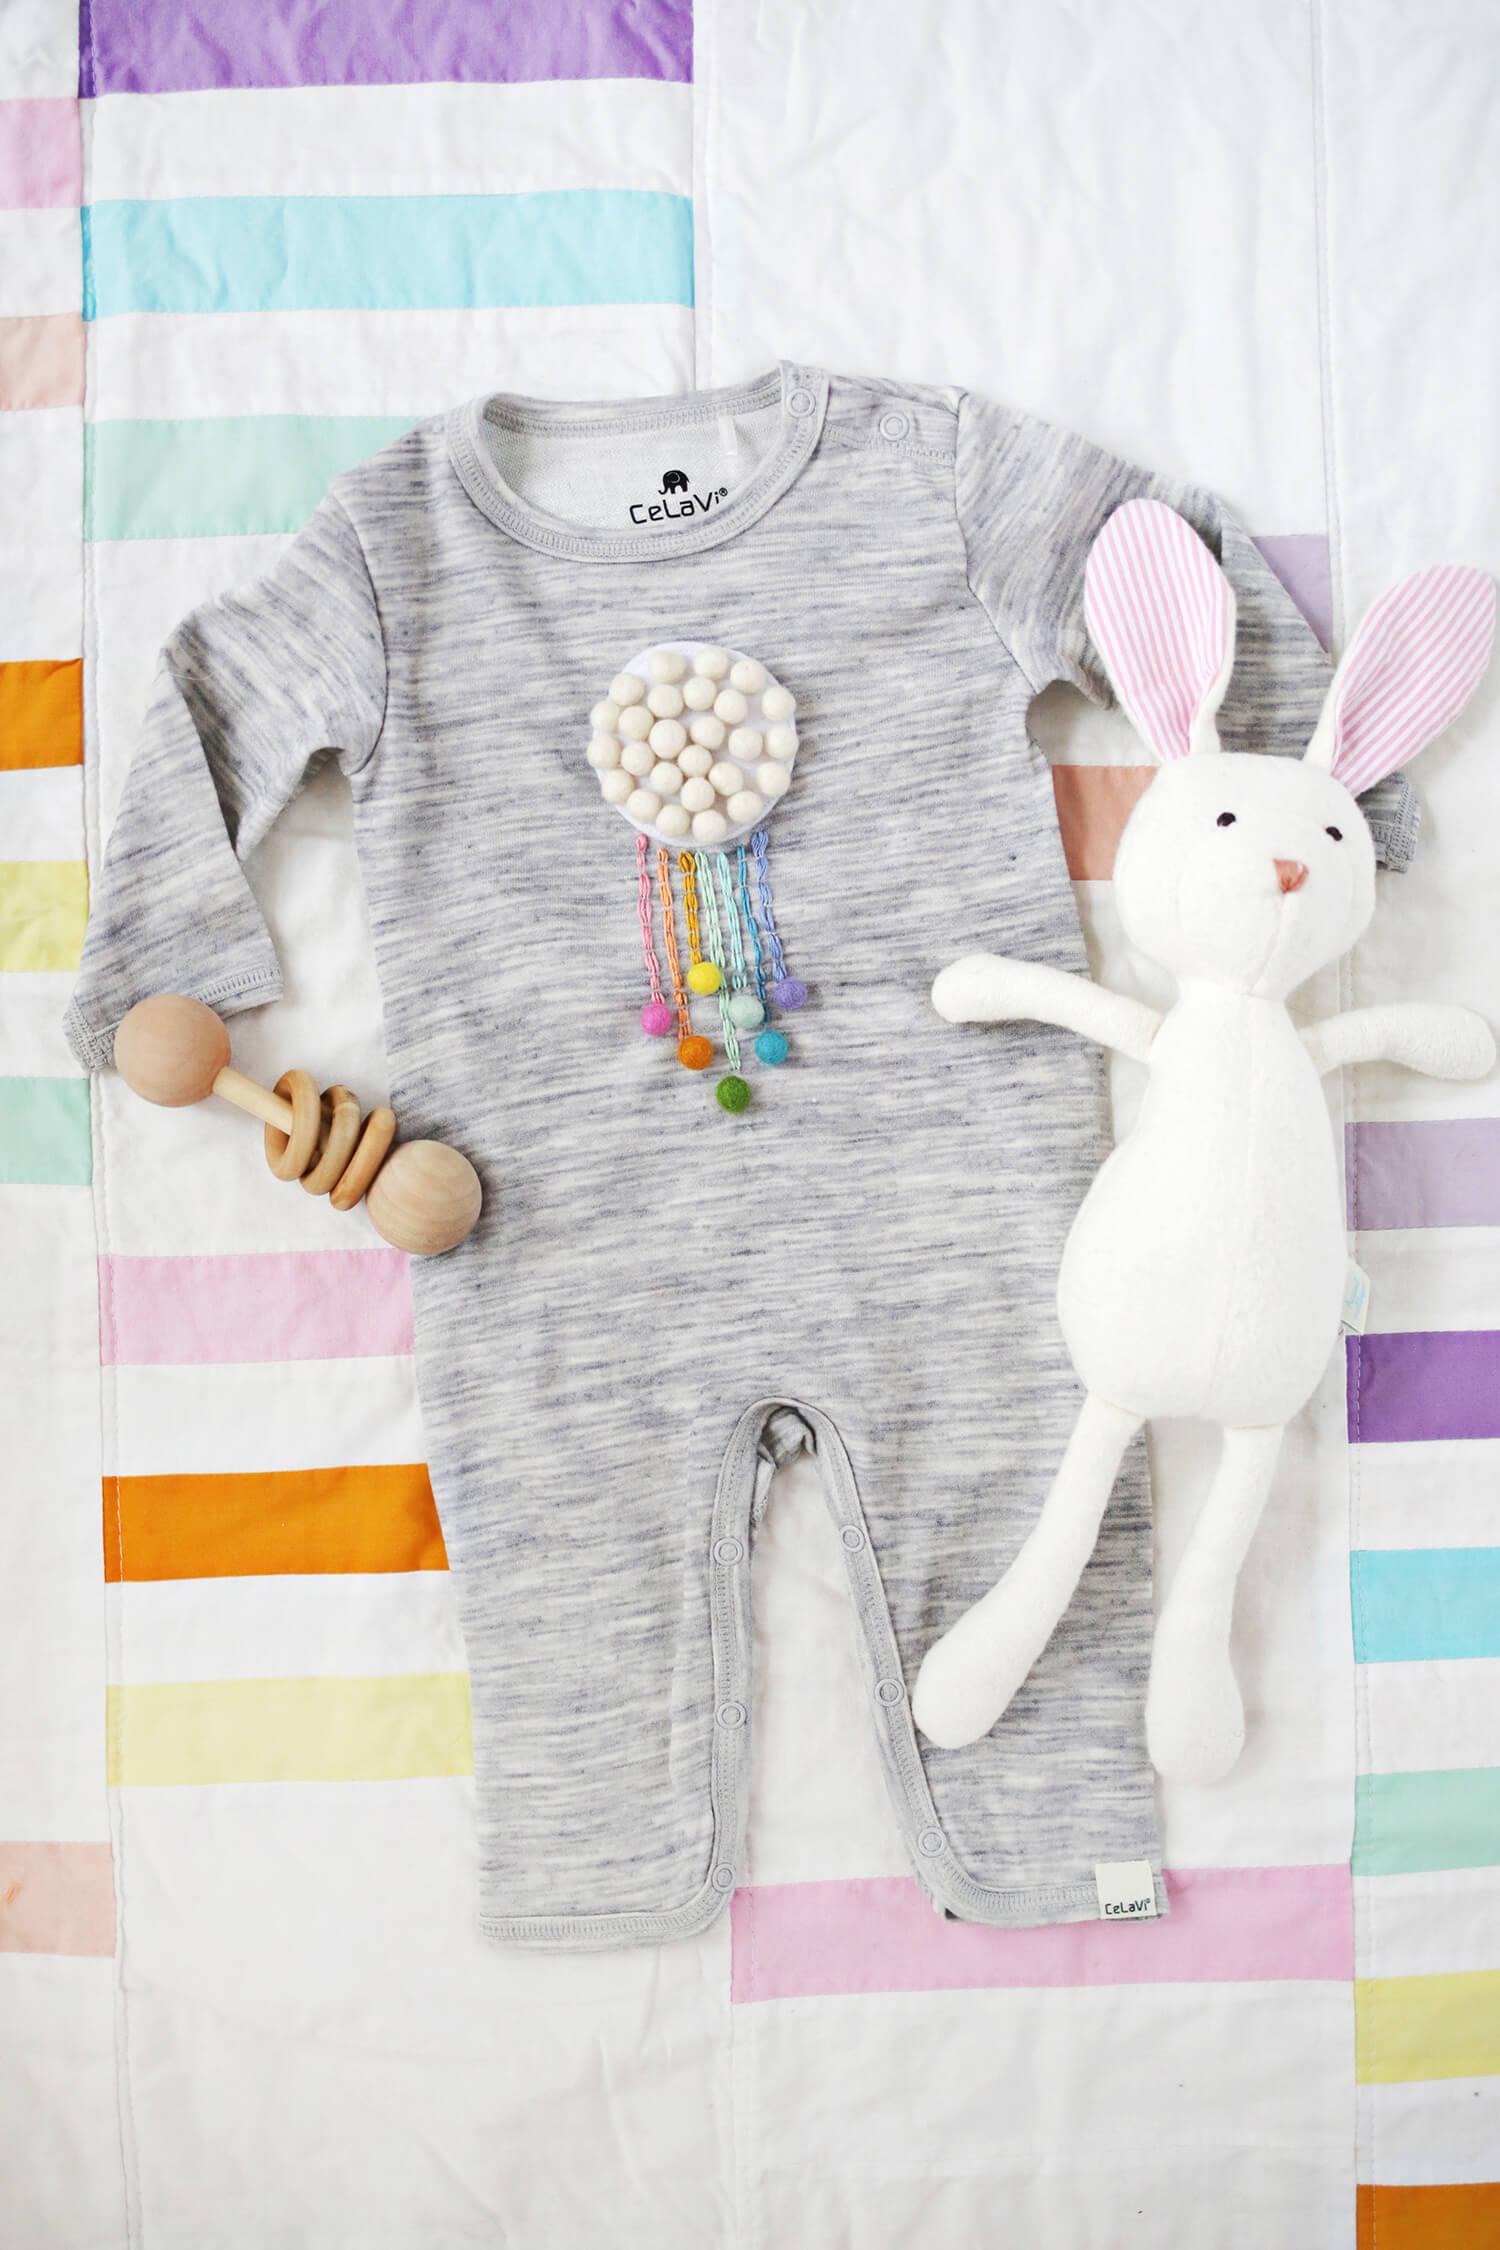 украсить детскую одежду своими руками